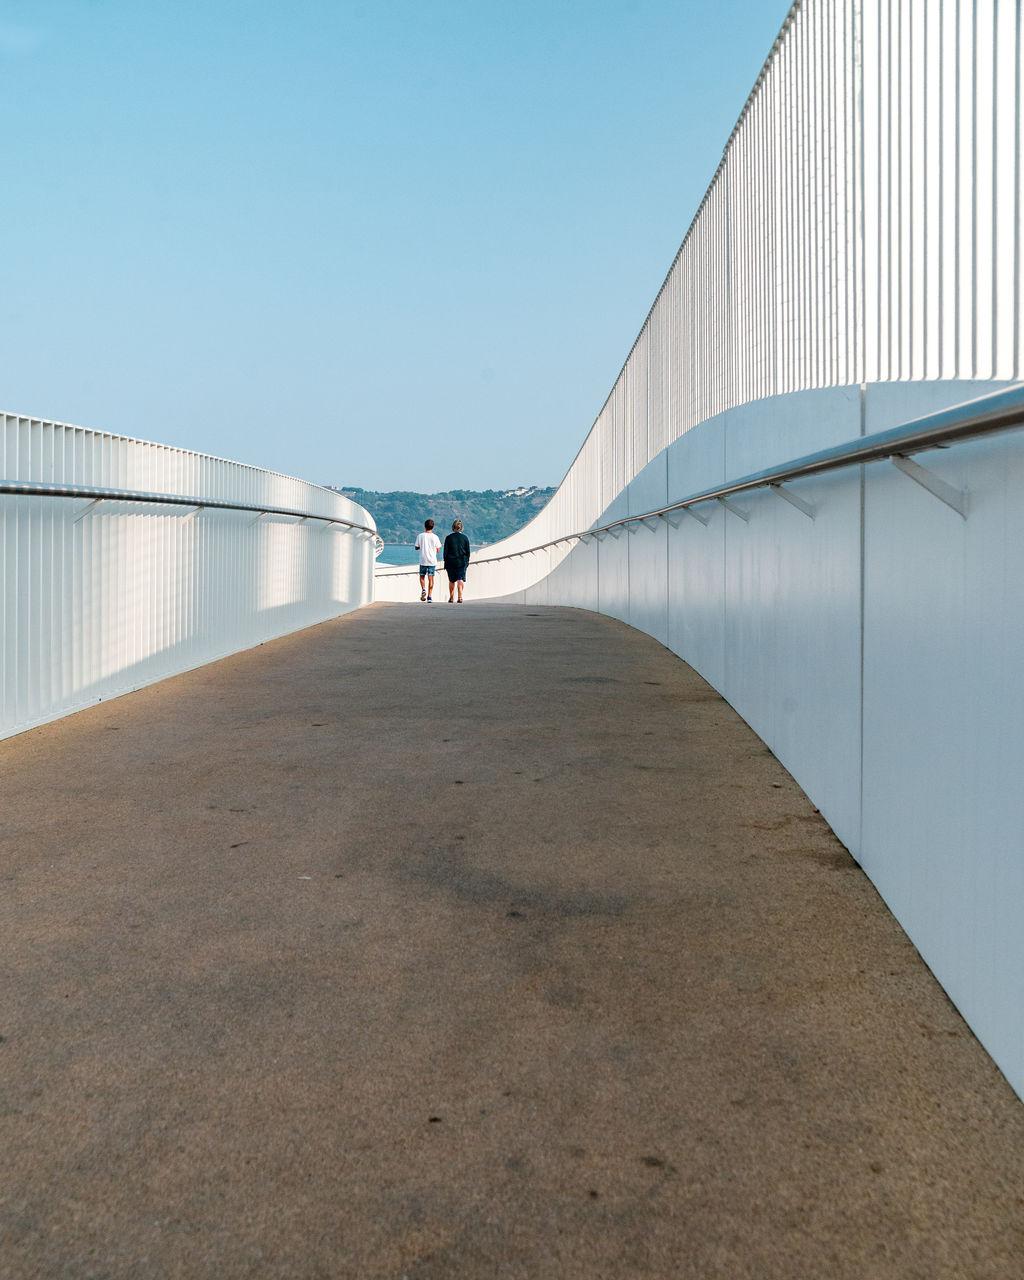 Rear View Of People Walking On Bridge Against Sky